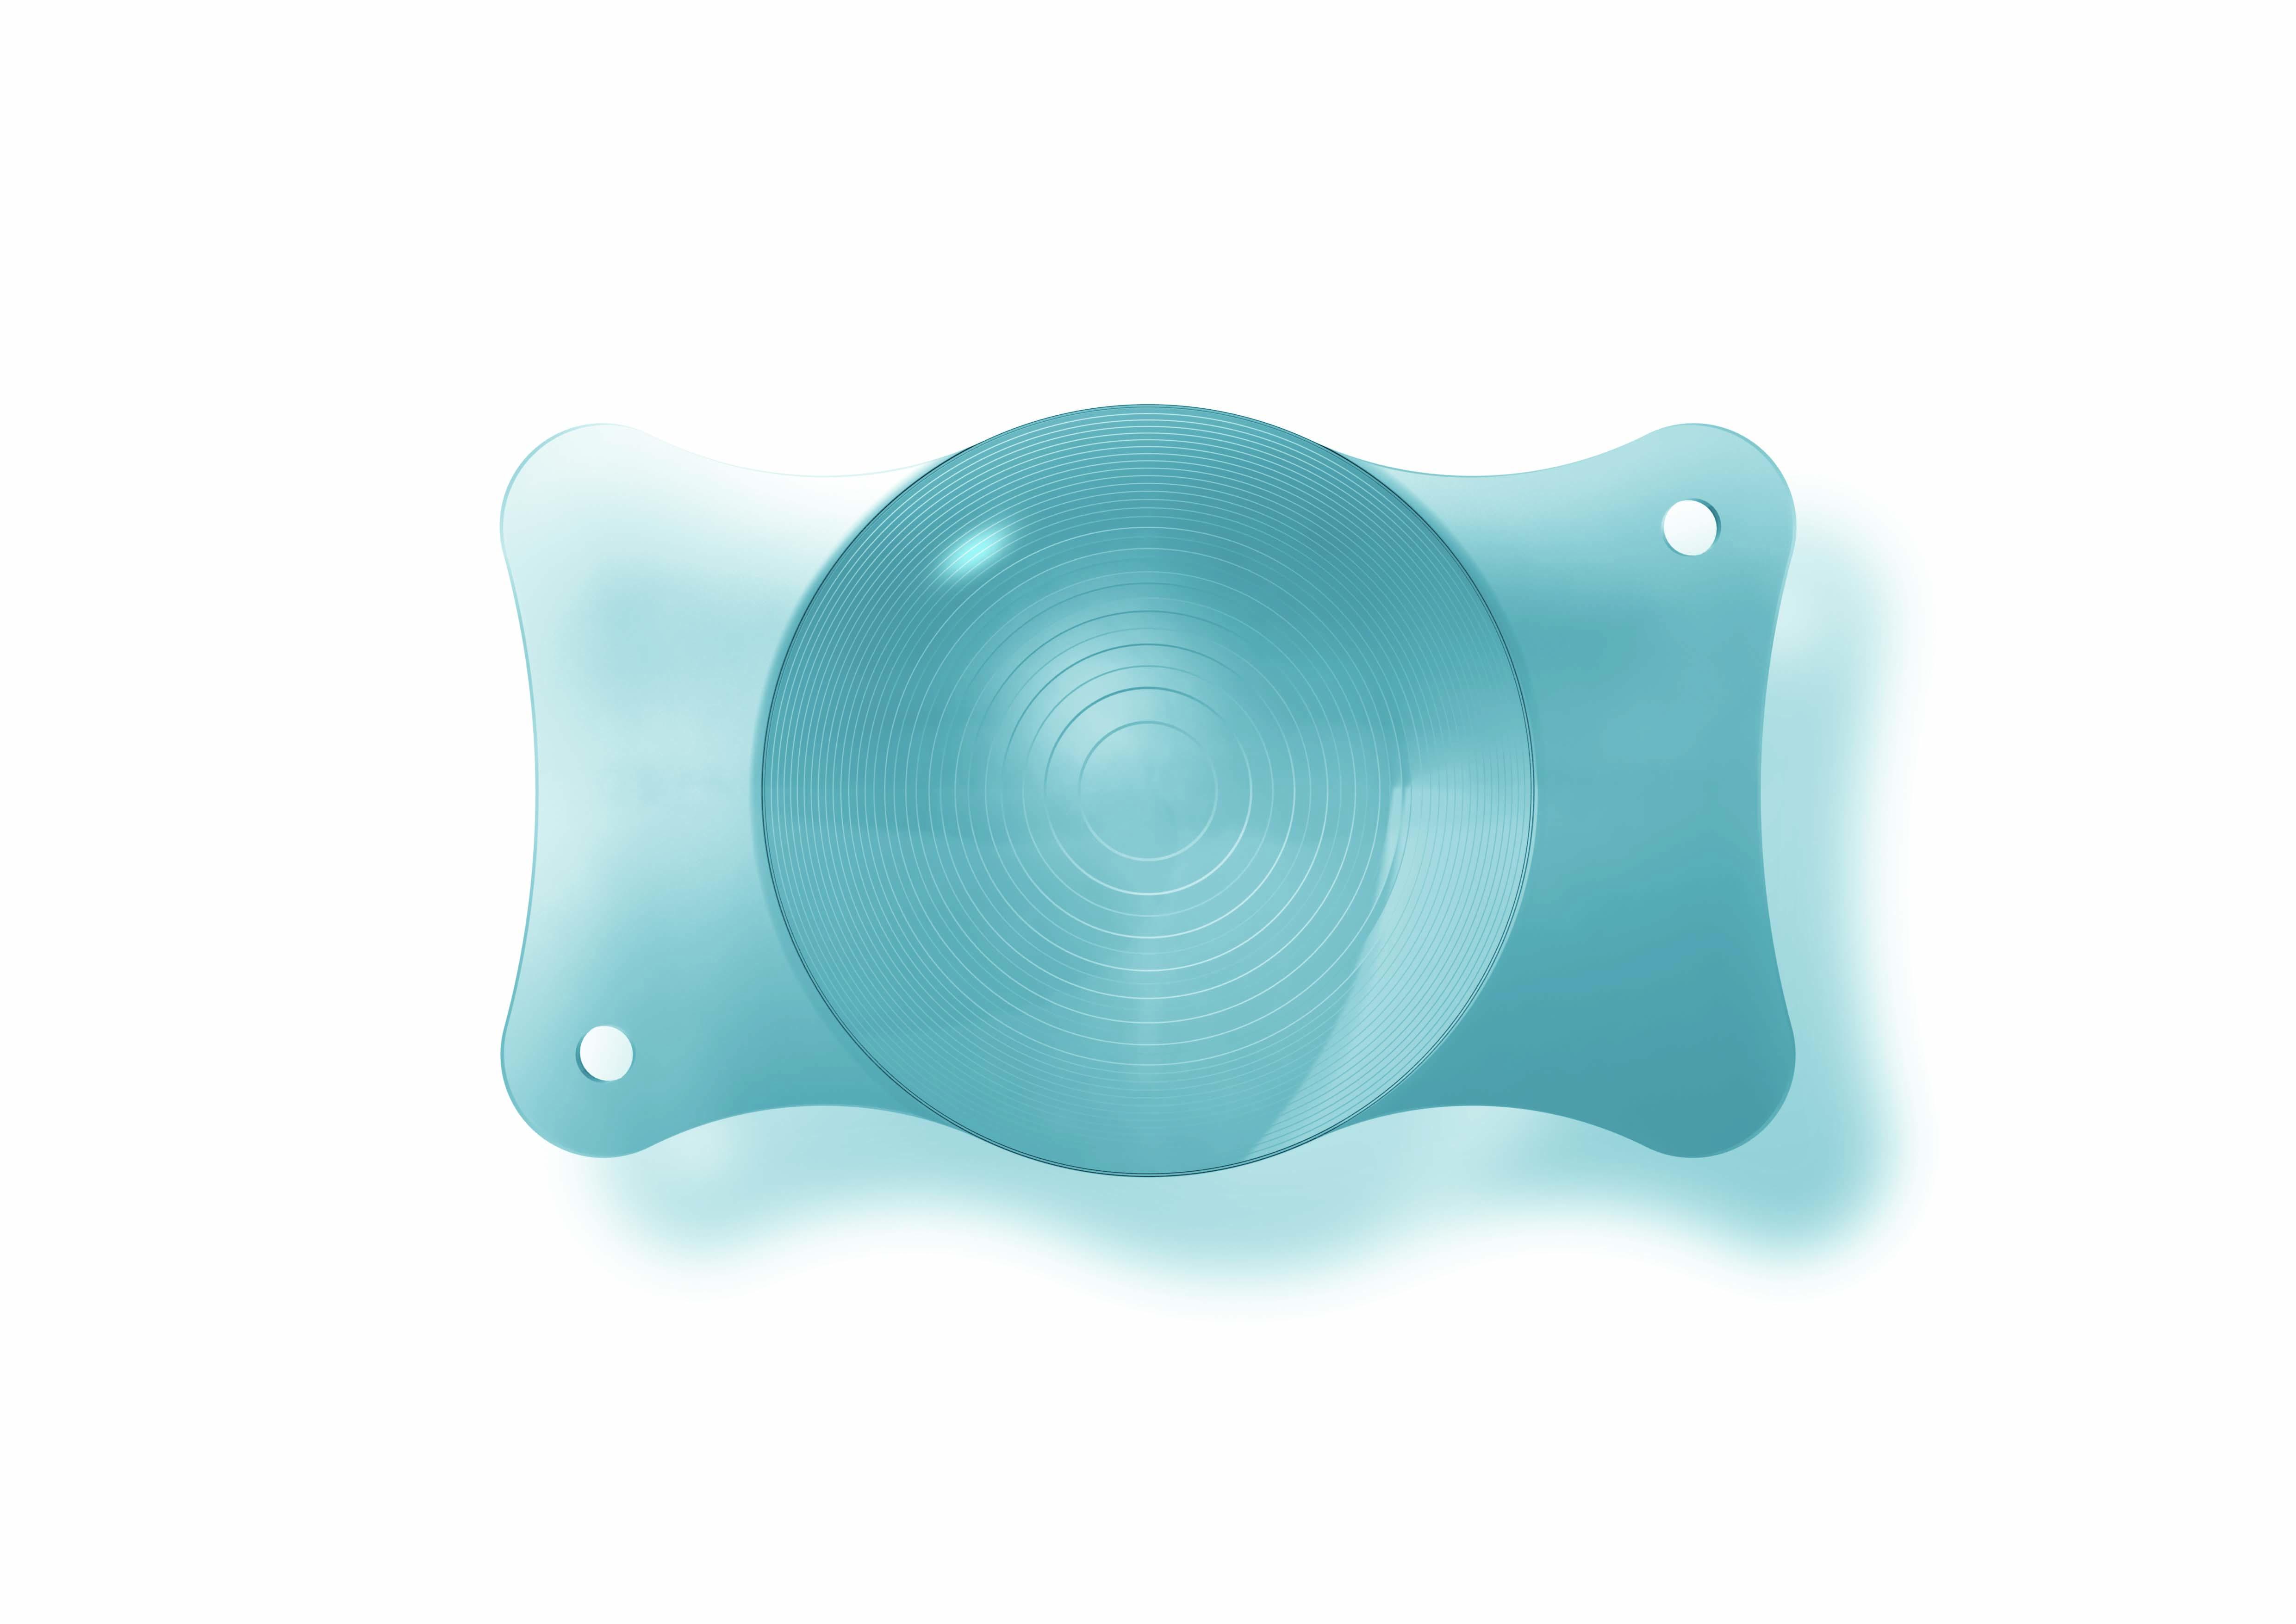 Image de l'implant trifocal AT-LISA 839 M